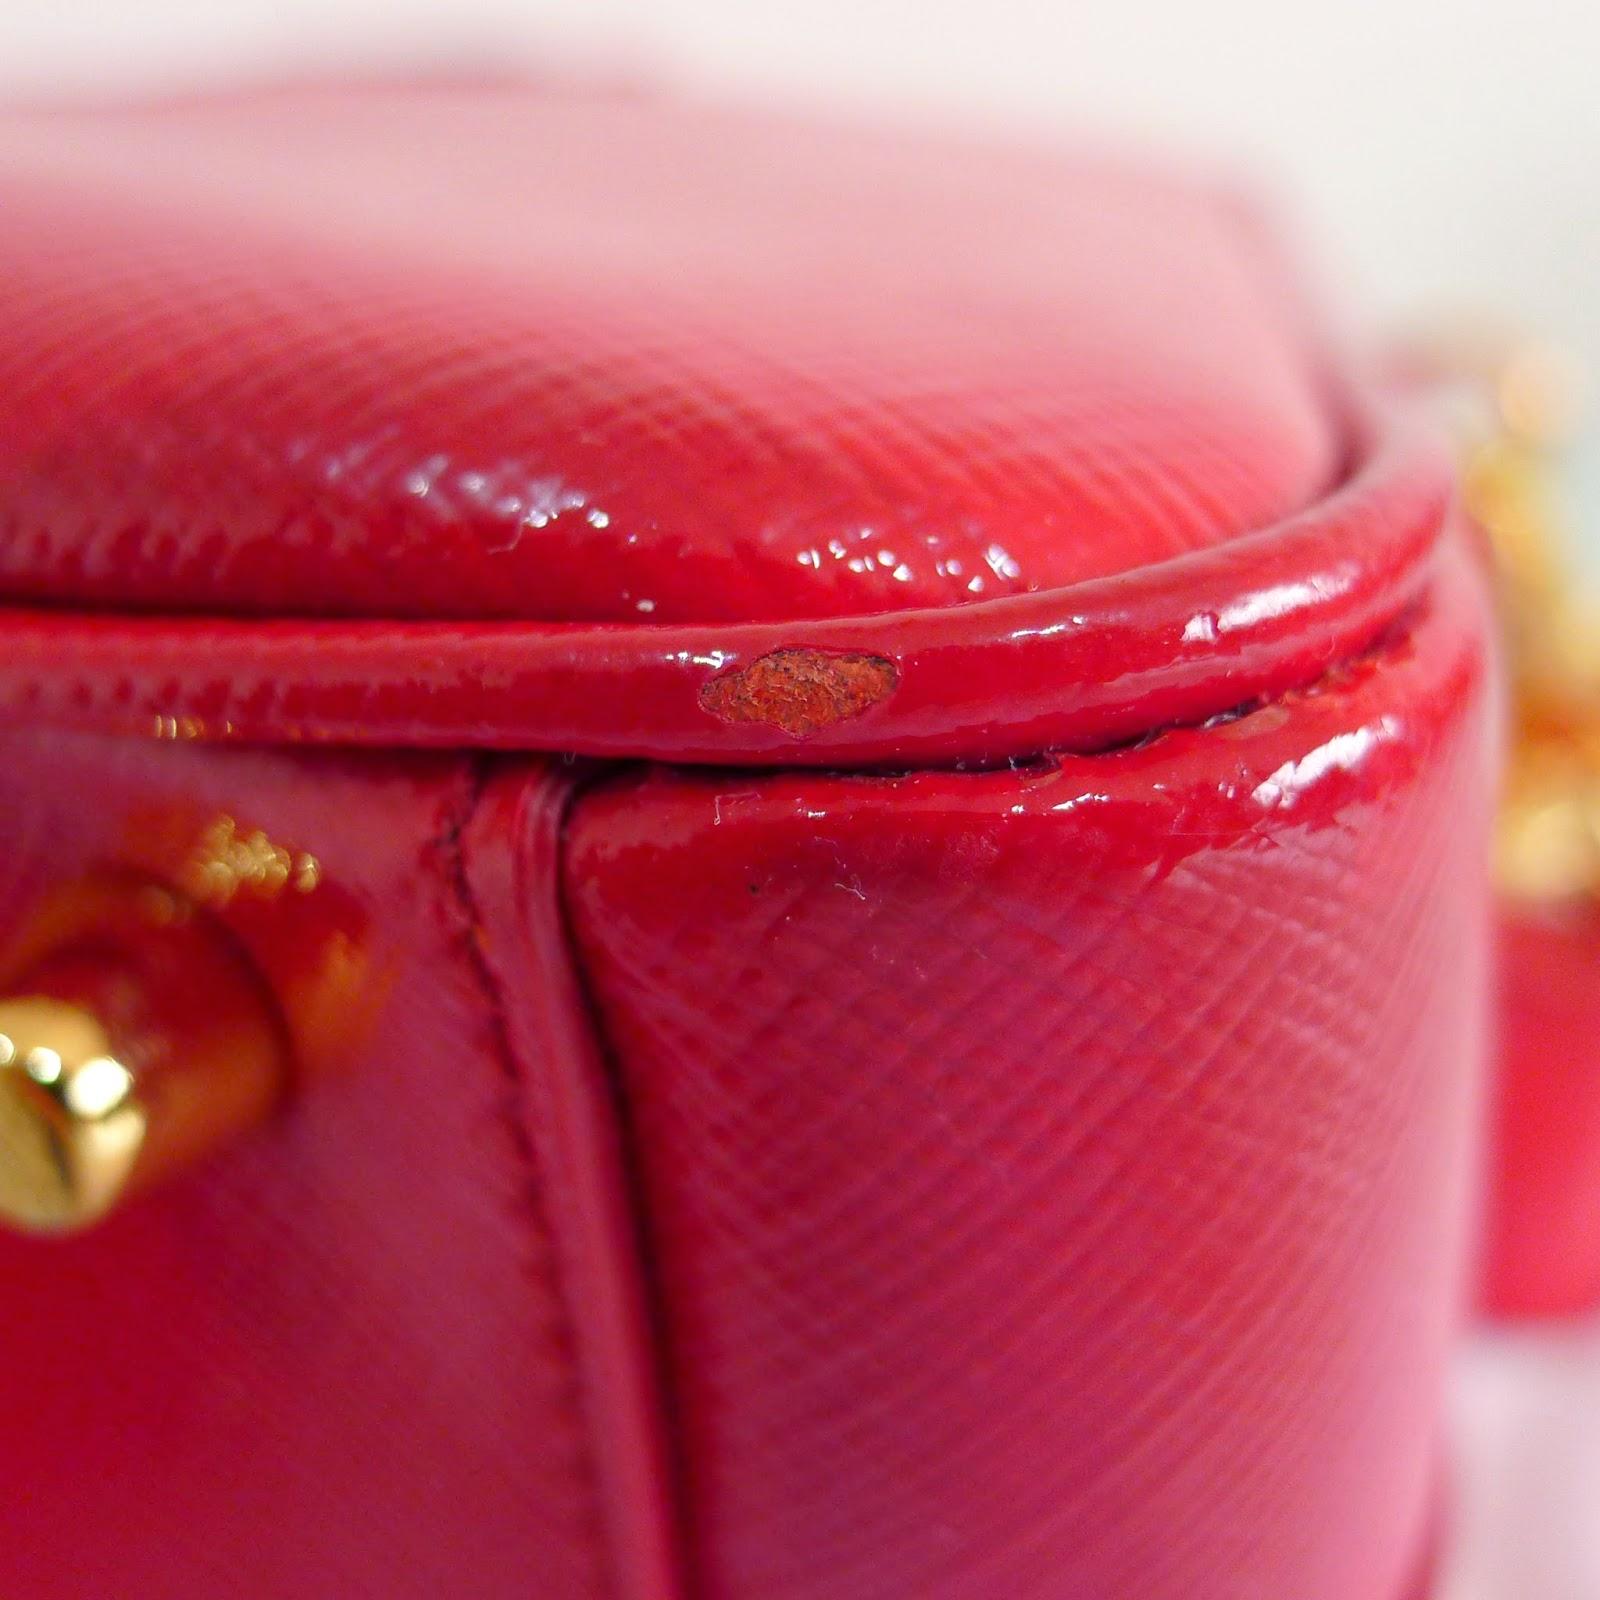 prada saffiano vernice flower pouch